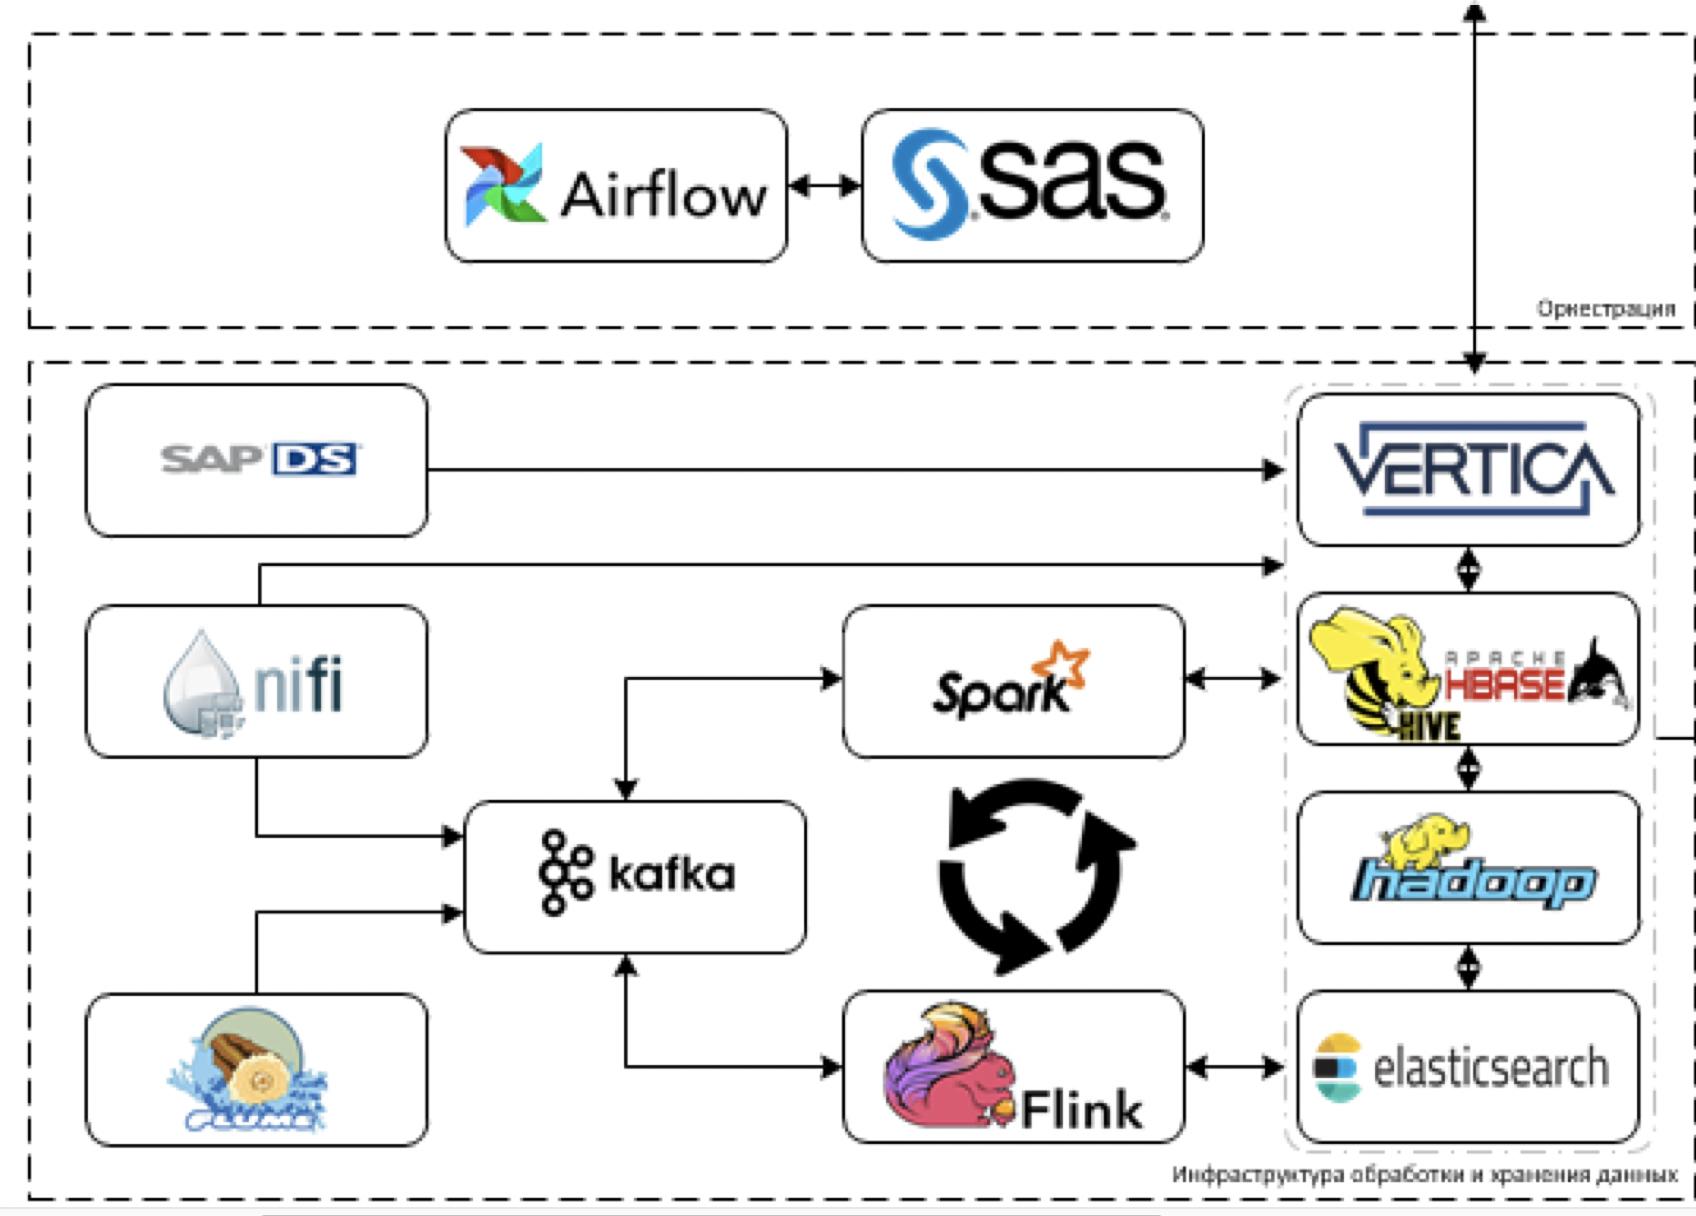 Как мы строим систему обработки, хранения и анализа данных в СИБУРе - 4